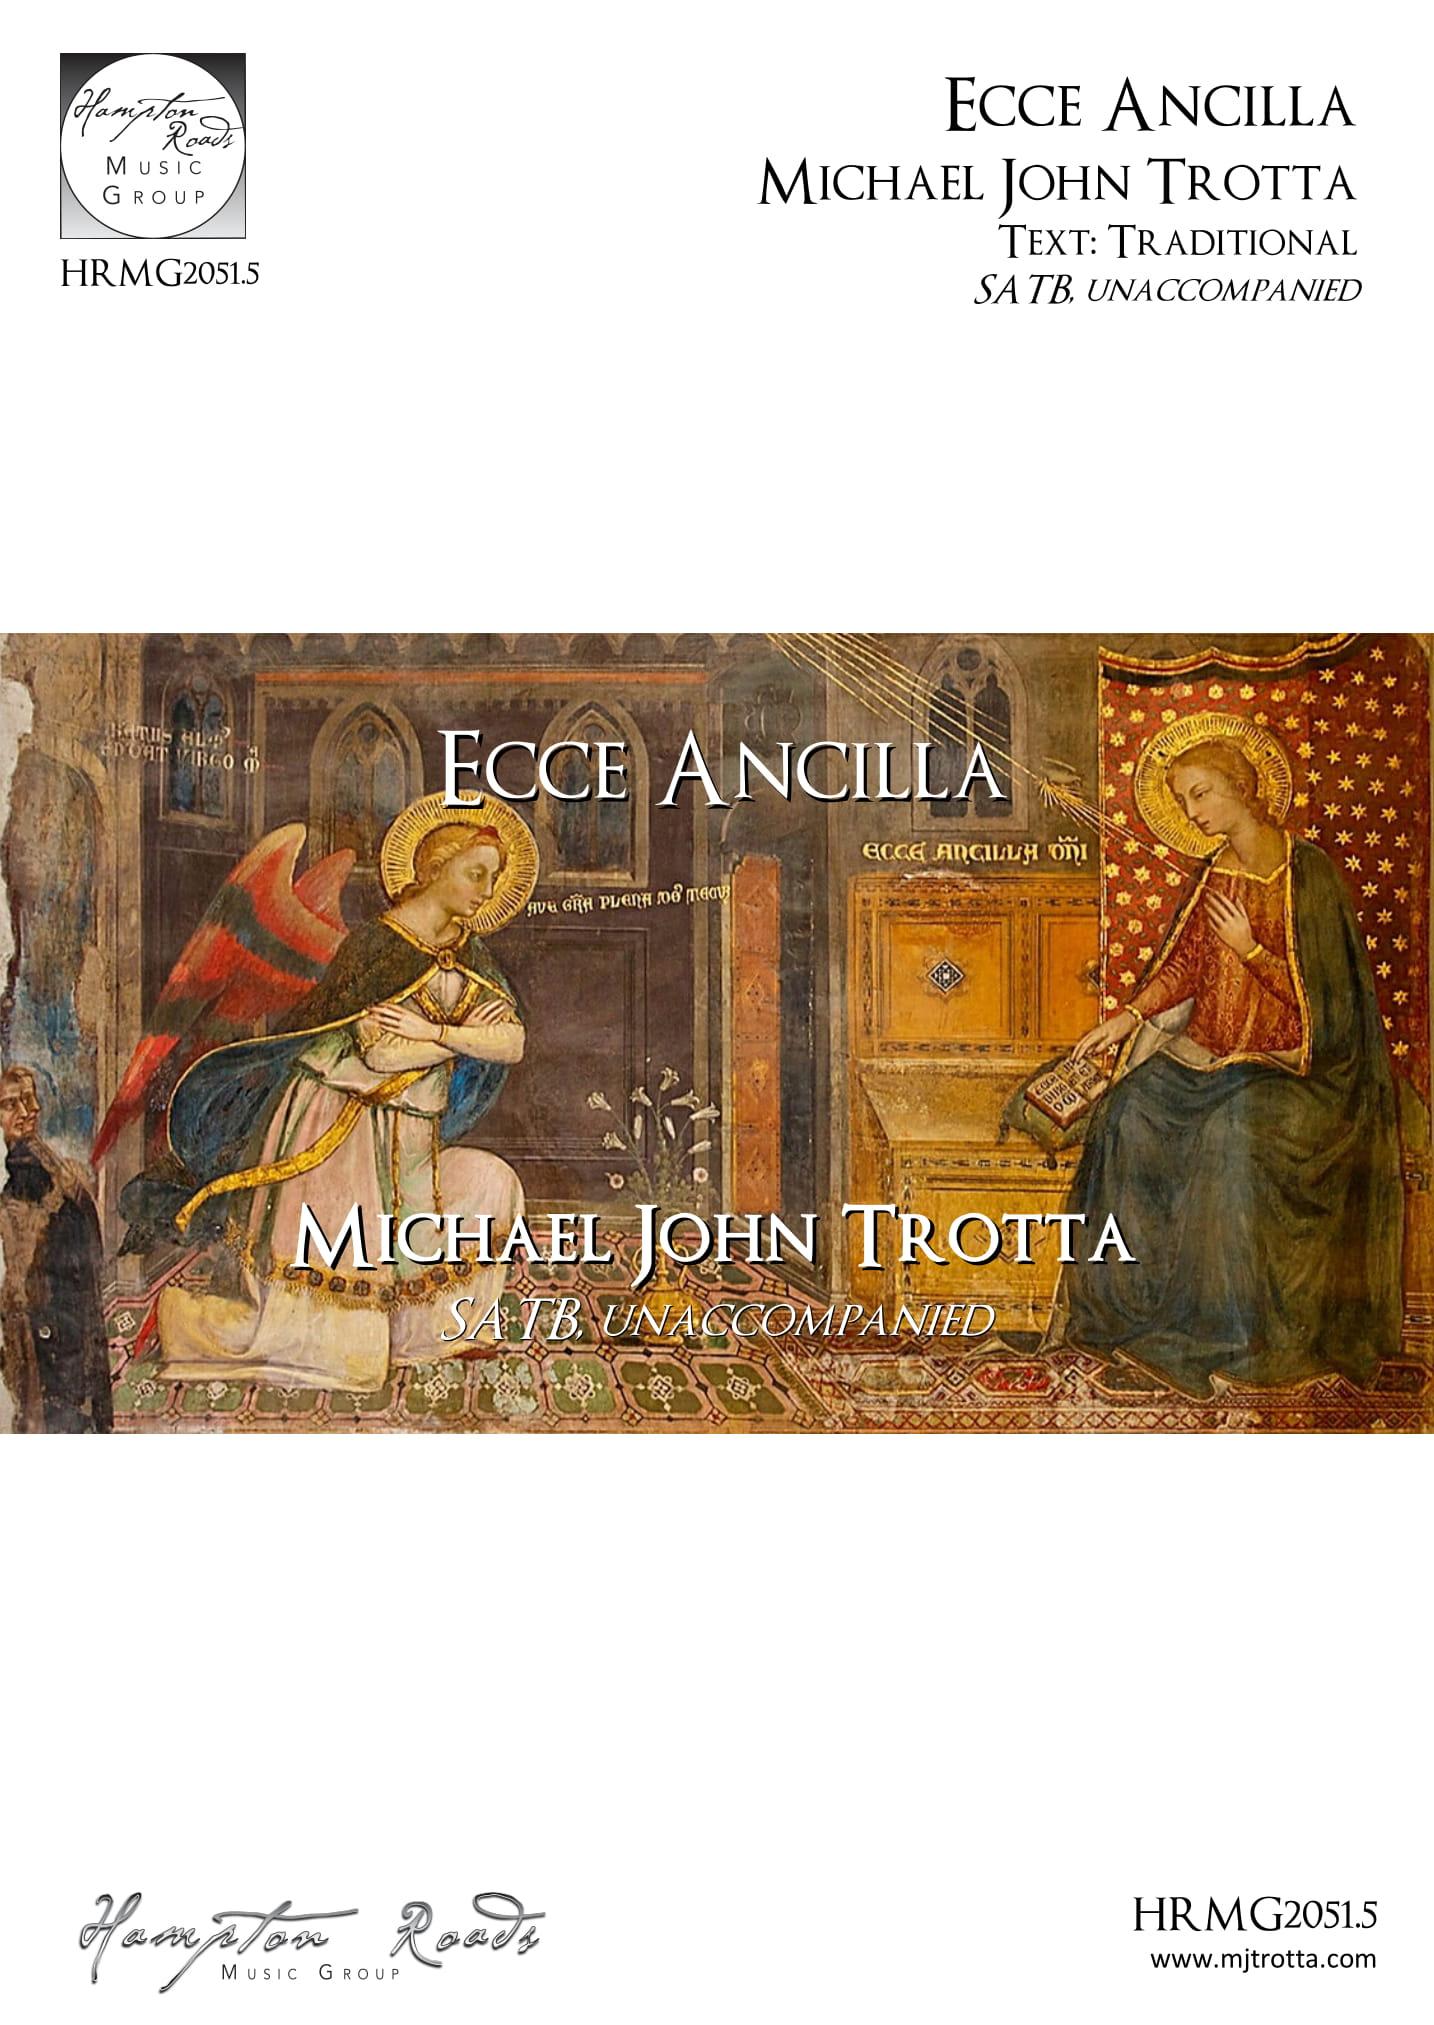 Ecce Ancilla - Michael John Trotta